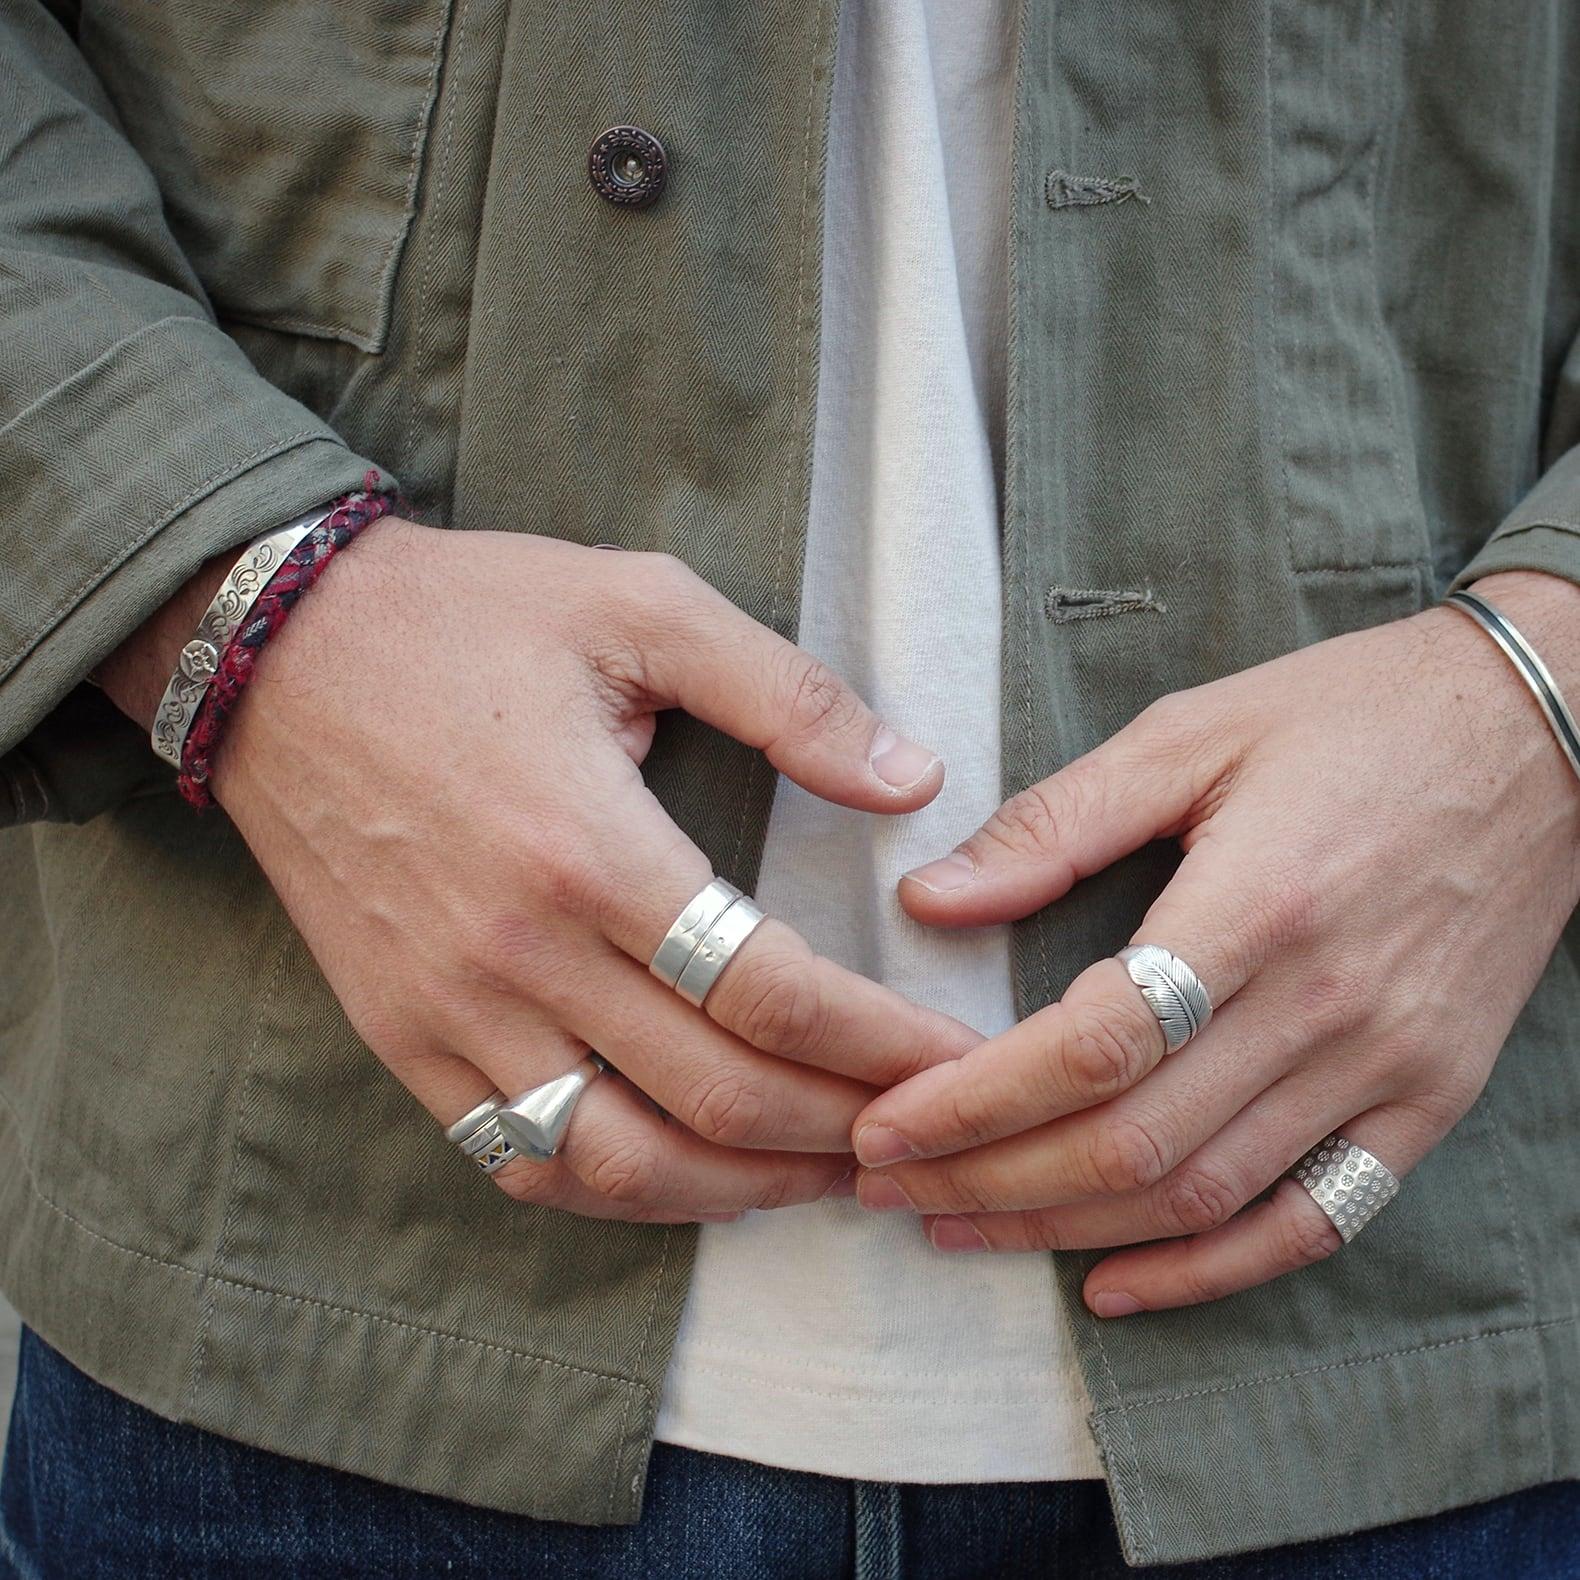 mains d'homme avec des bijoux comme des bagues en argent et bracelets en tissu Borali